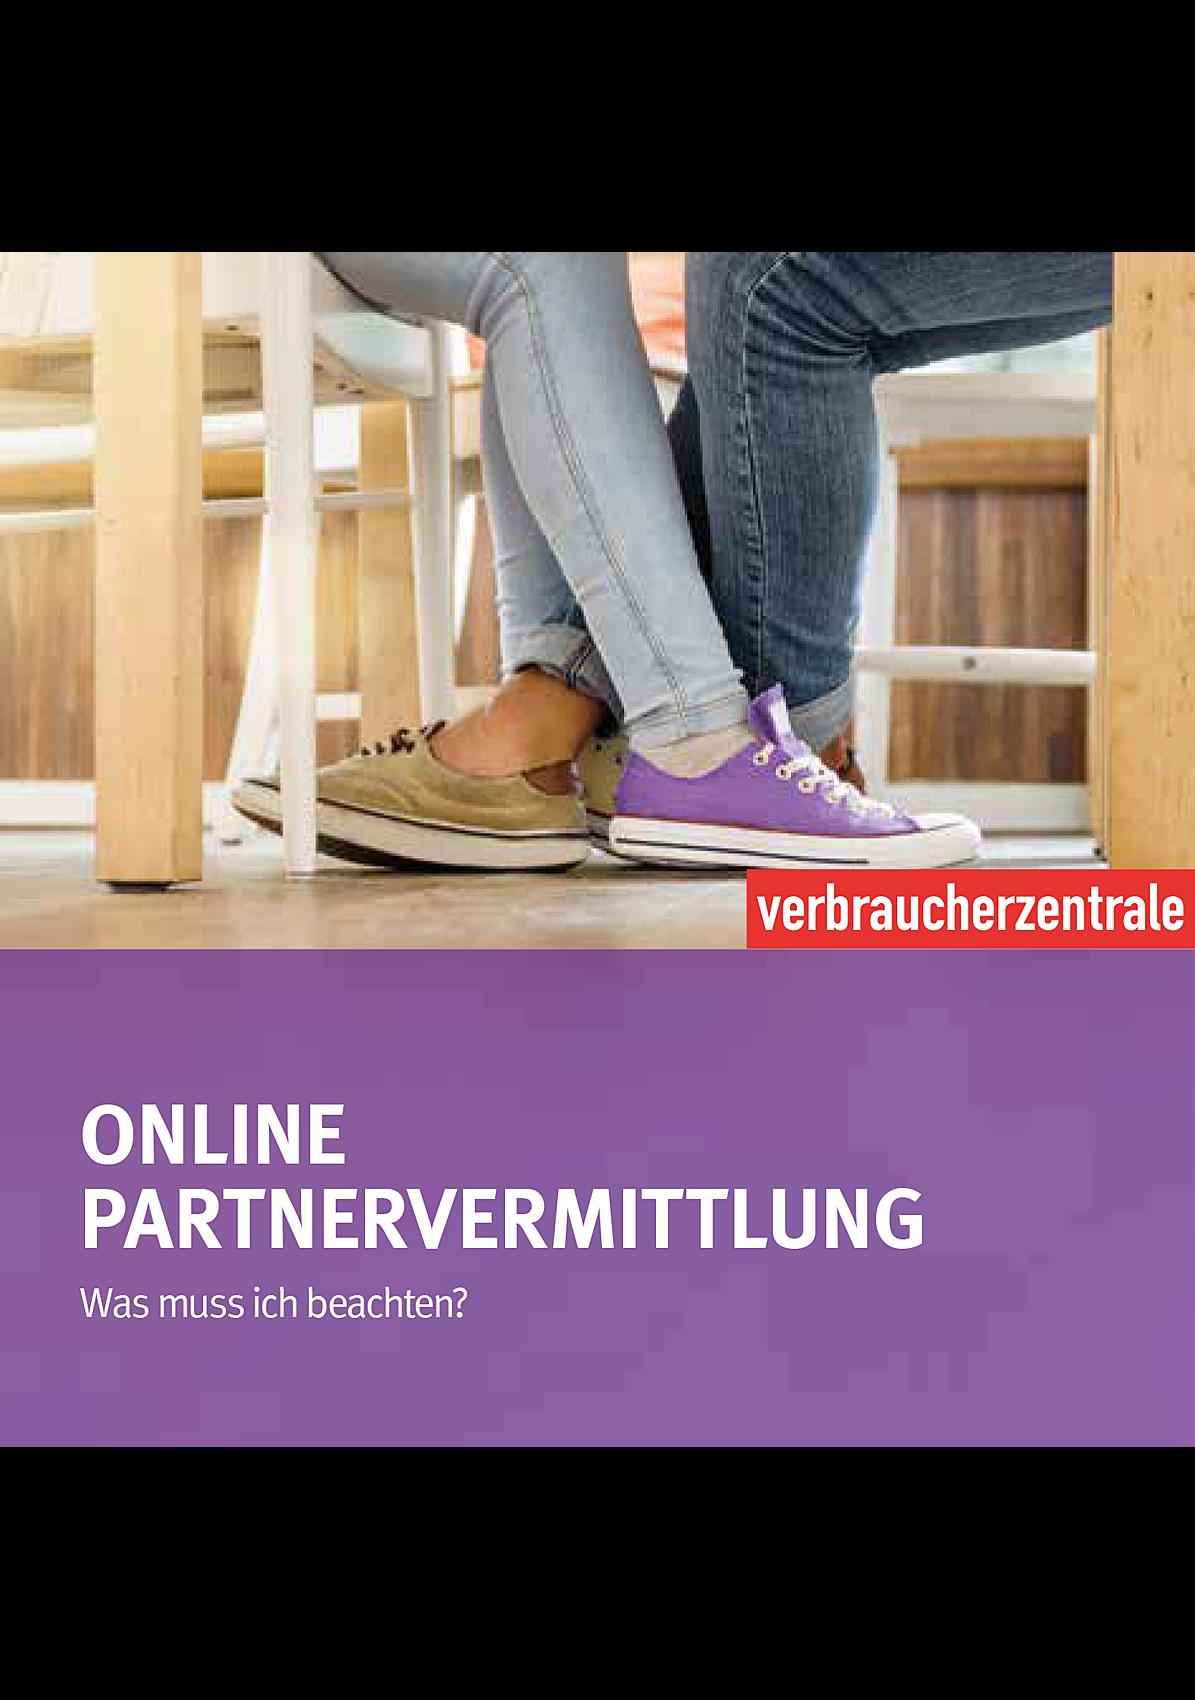 Verbraucherzentrale hamburg partnervermittlung